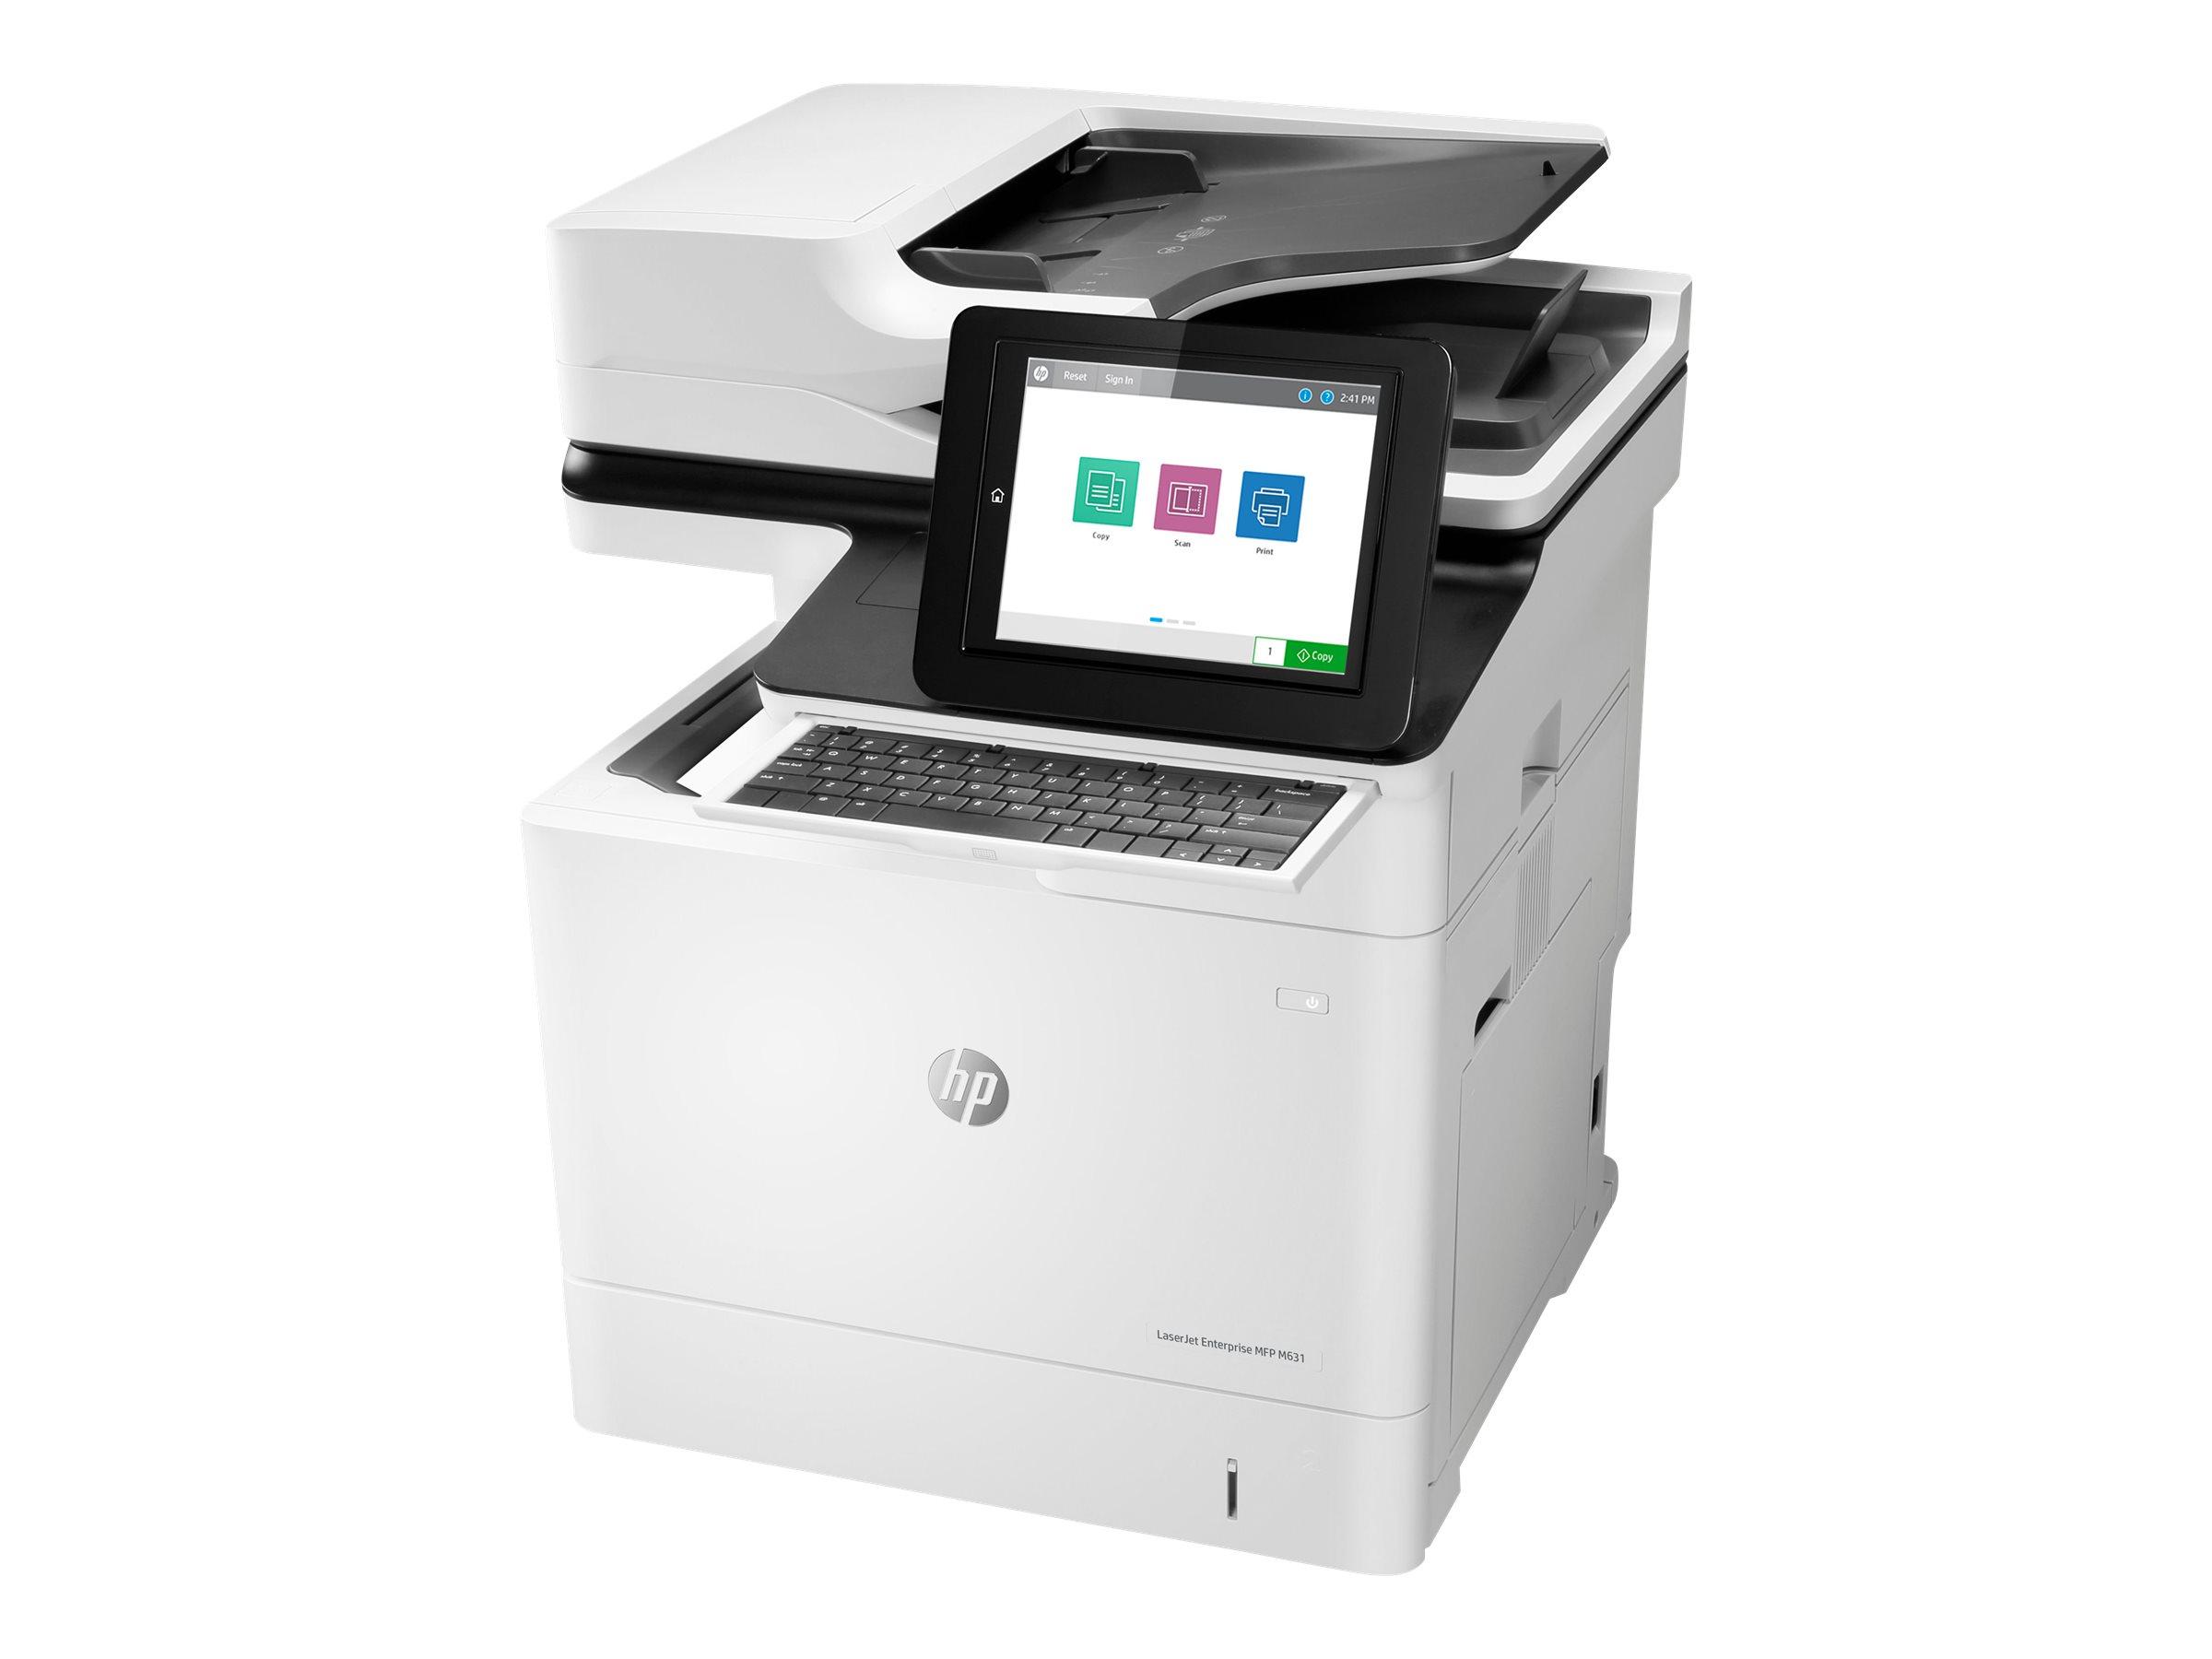 HP LaserJet Enterprise Flow MFP M631h - Multifunktionsdrucker - s/w - Laser - 216 x 863 mm (Original)